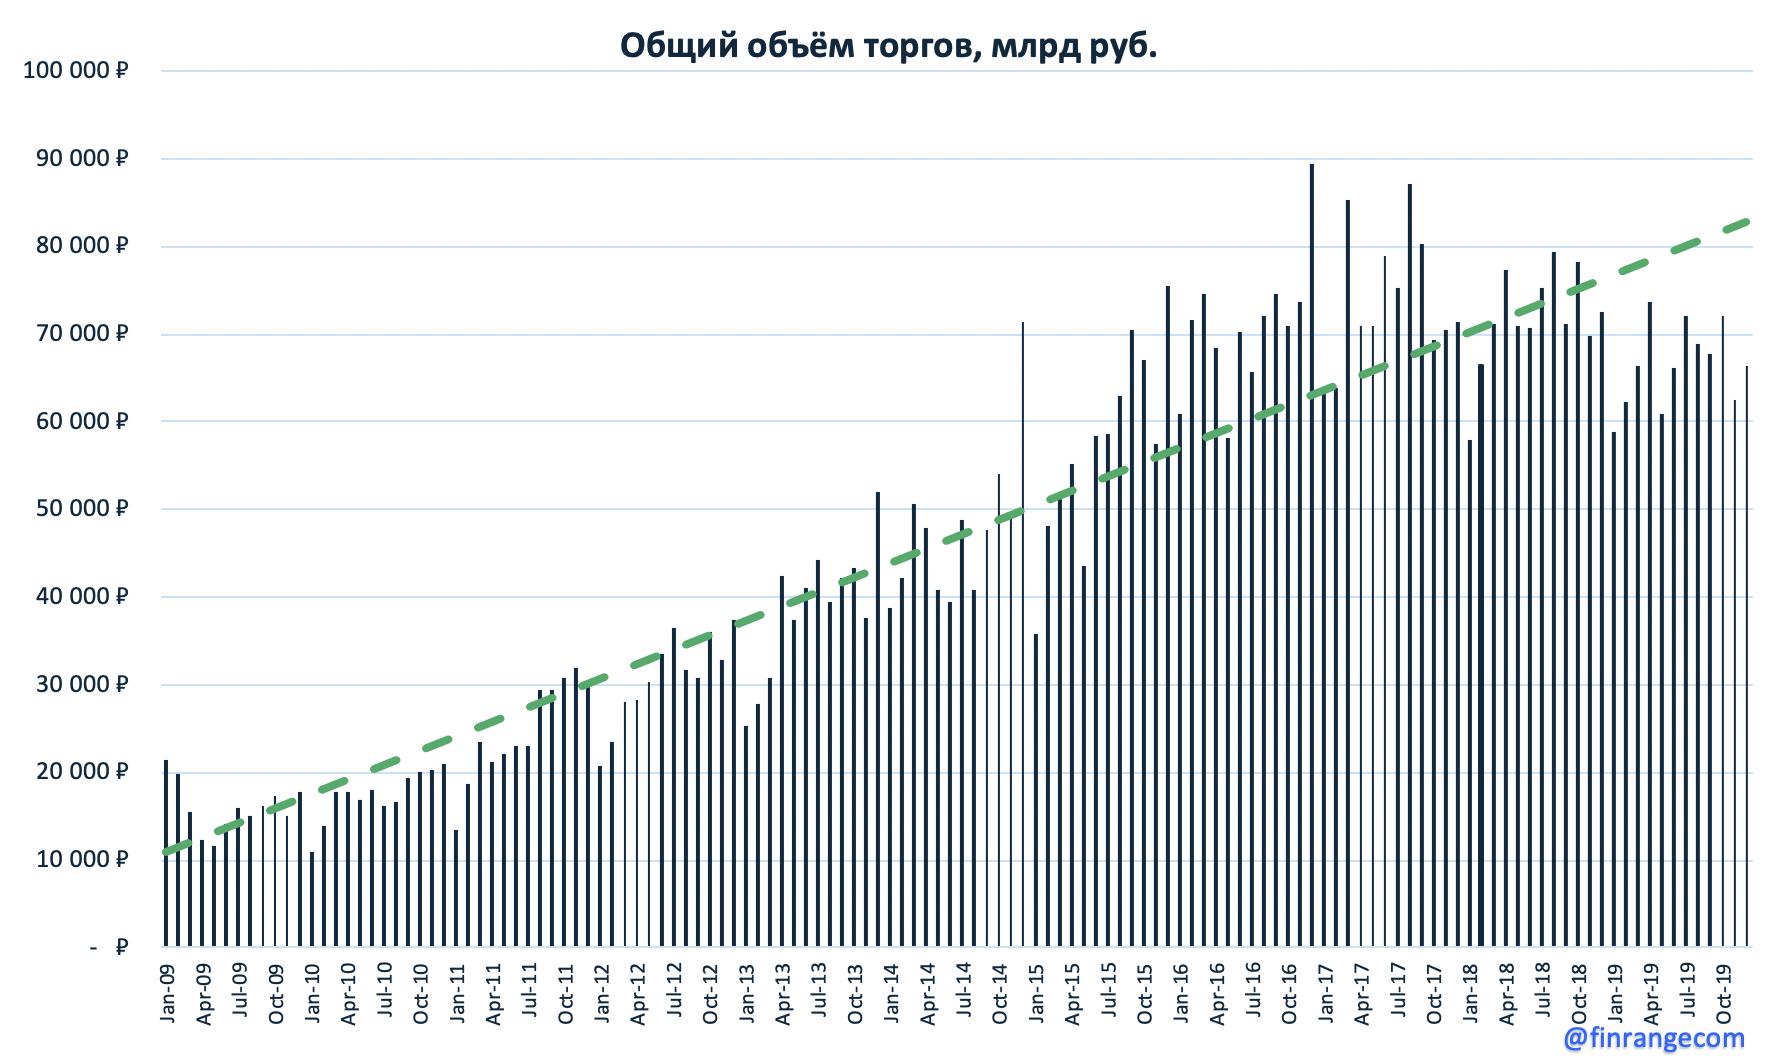 Московская биржа - число частных инвесторов бьет рекорды, но объёмы торгов падают